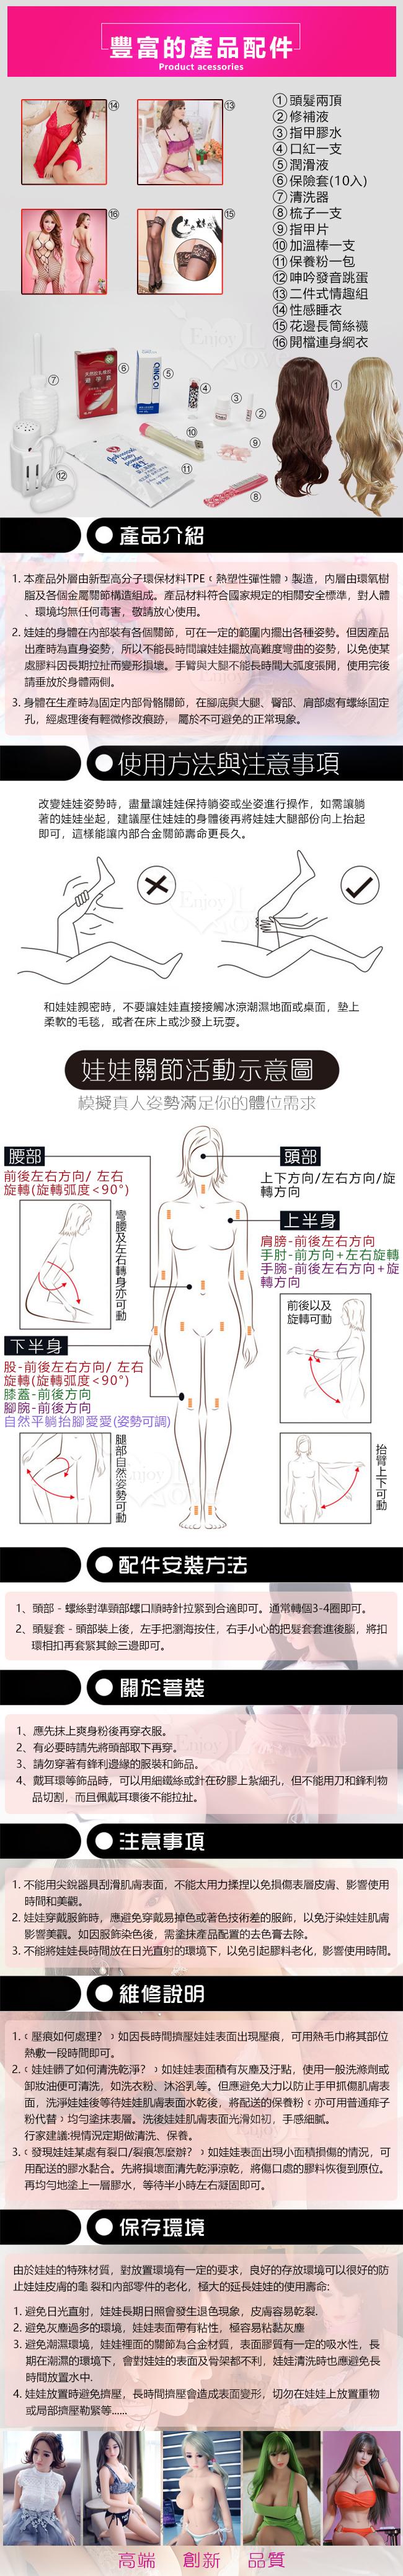 《圓圓 - 氣質美眉》全實體矽膠不銹鋼變形骨骼 真人版娃娃﹝158cm / 33kg﹞